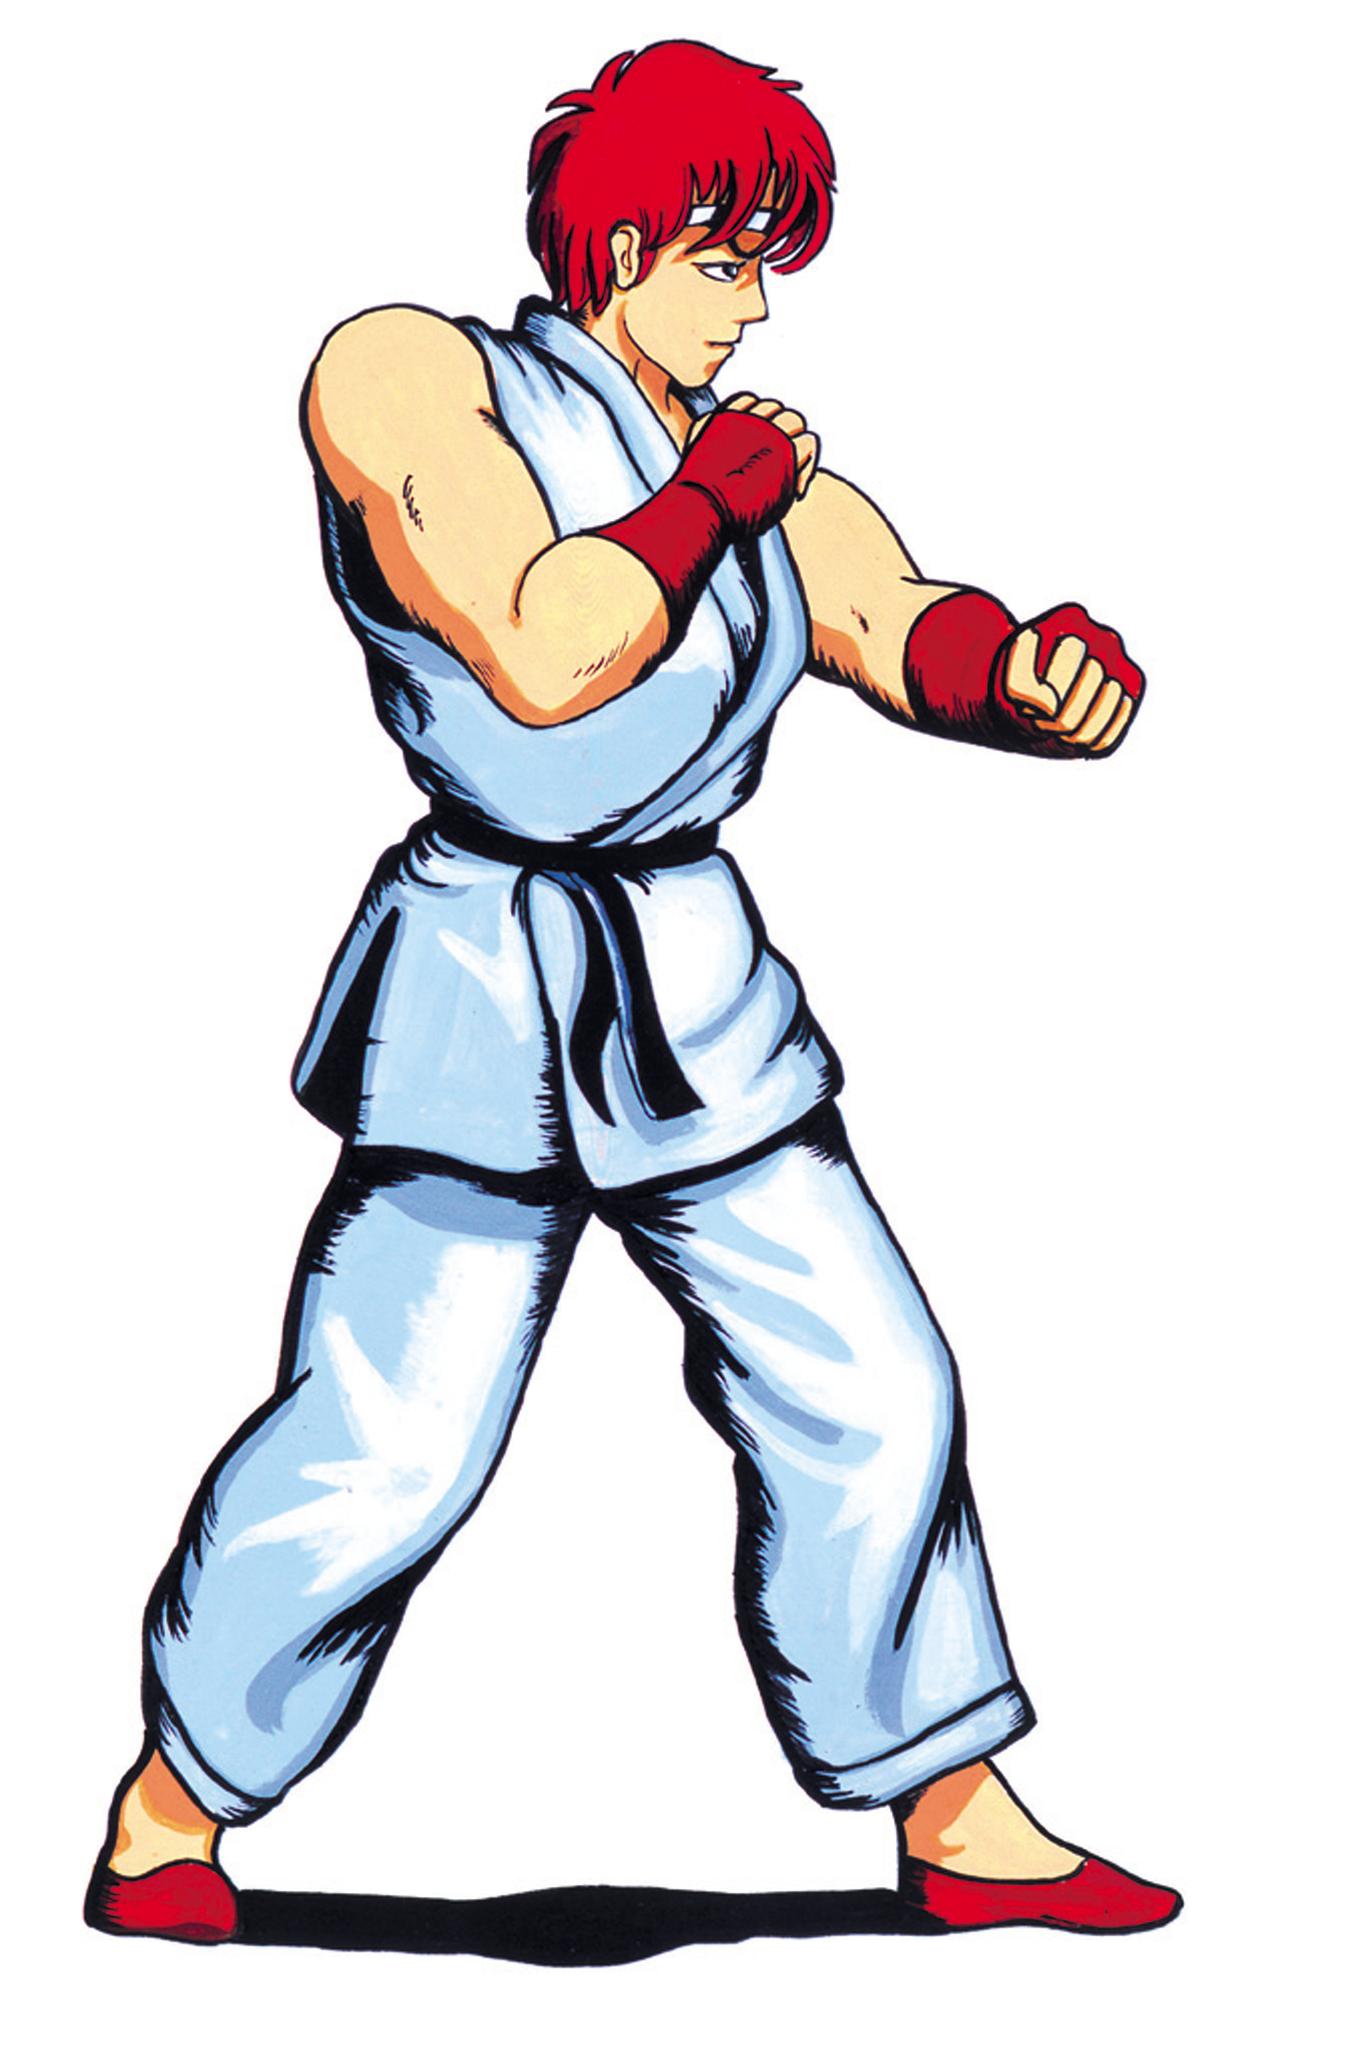 Gallery:Ryu